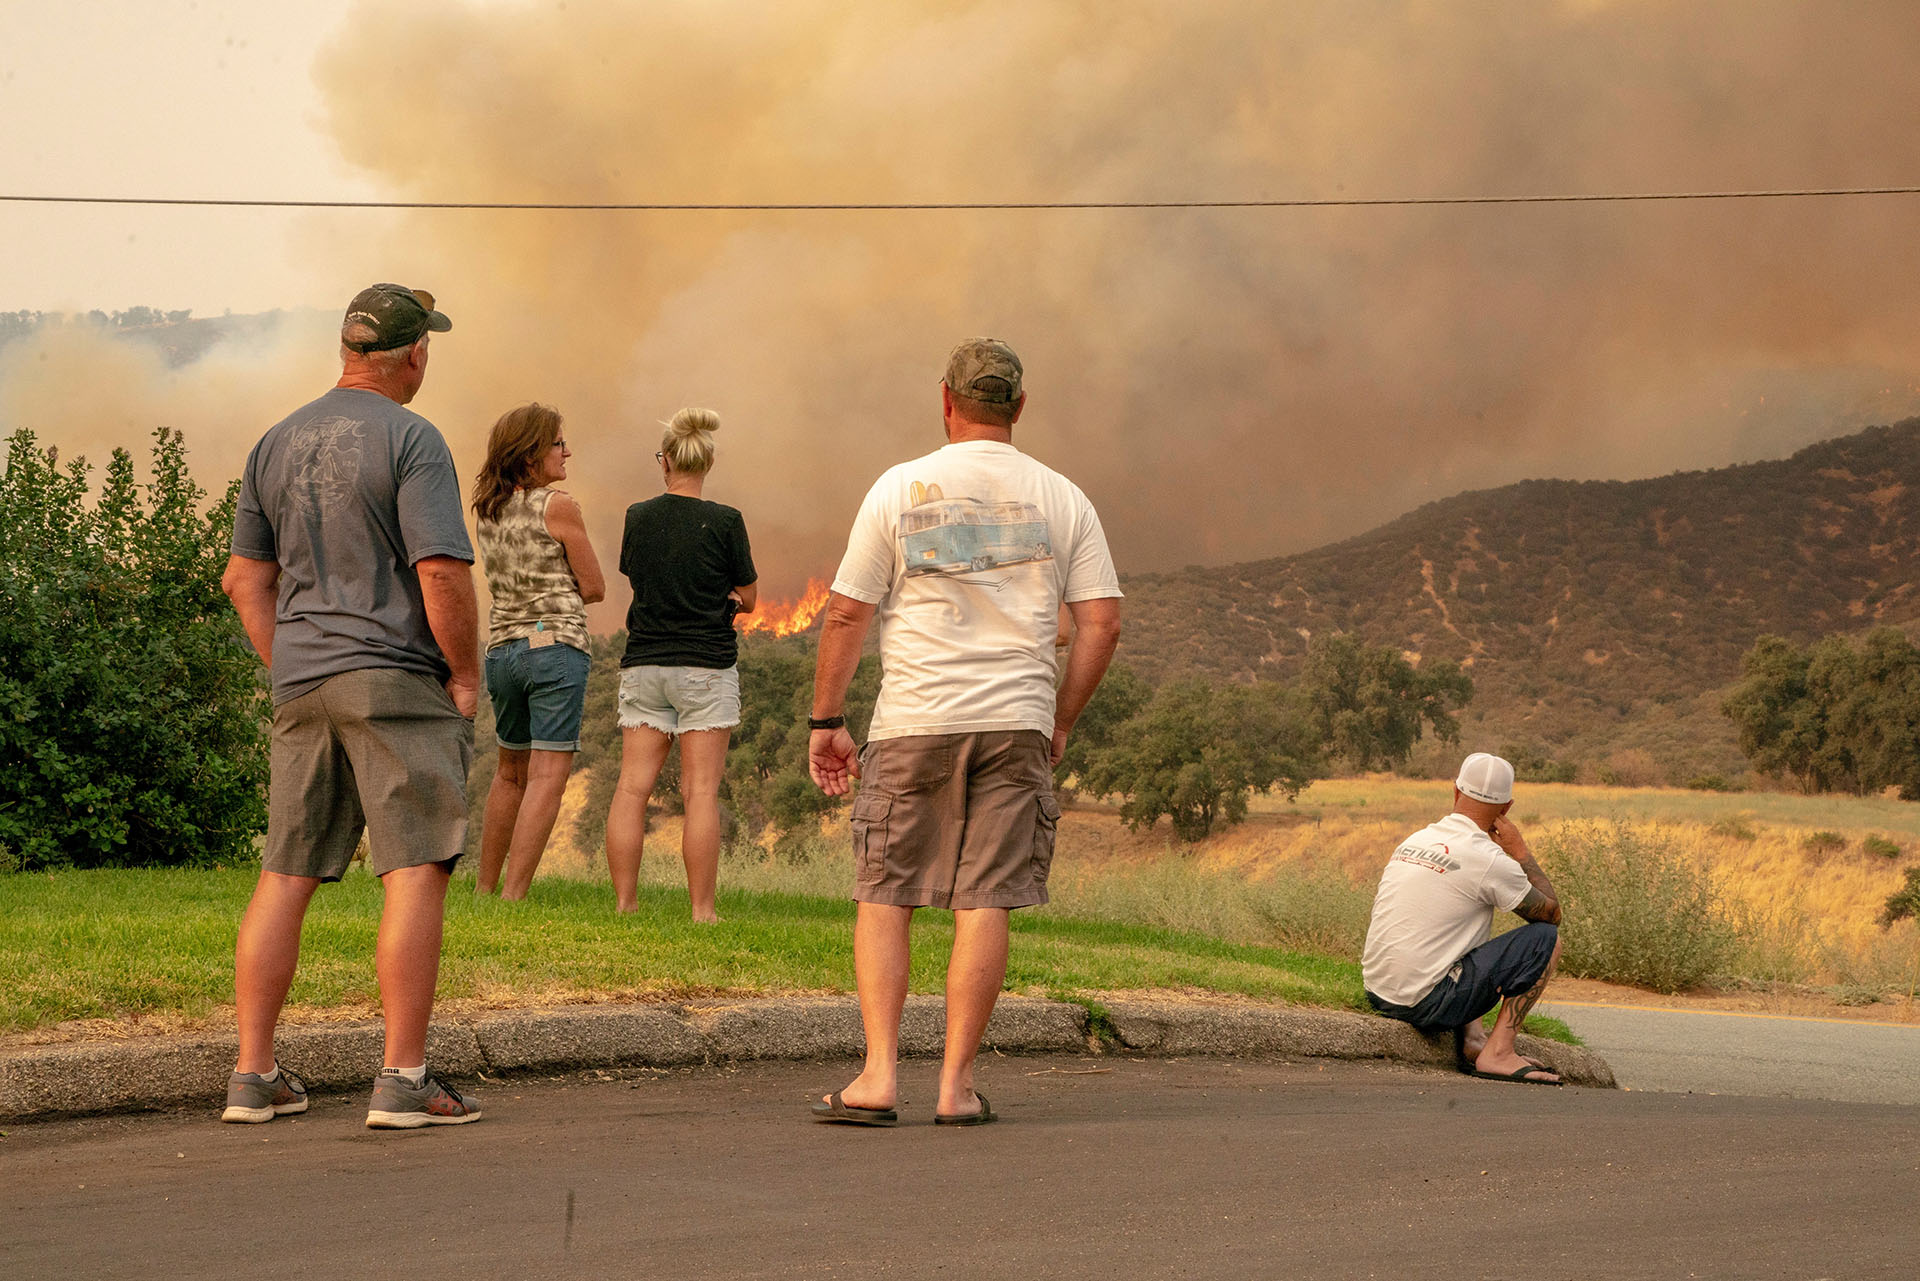 El tercer gran incendio iniciado este fin de semana arde también desde el sábado en una zona de vegetación al este de San Diego, cerca de la frontera con México, y ya ha calcinado más de 4.000 hectáreas. (EFE / EPA / KYLE GRILLOT)